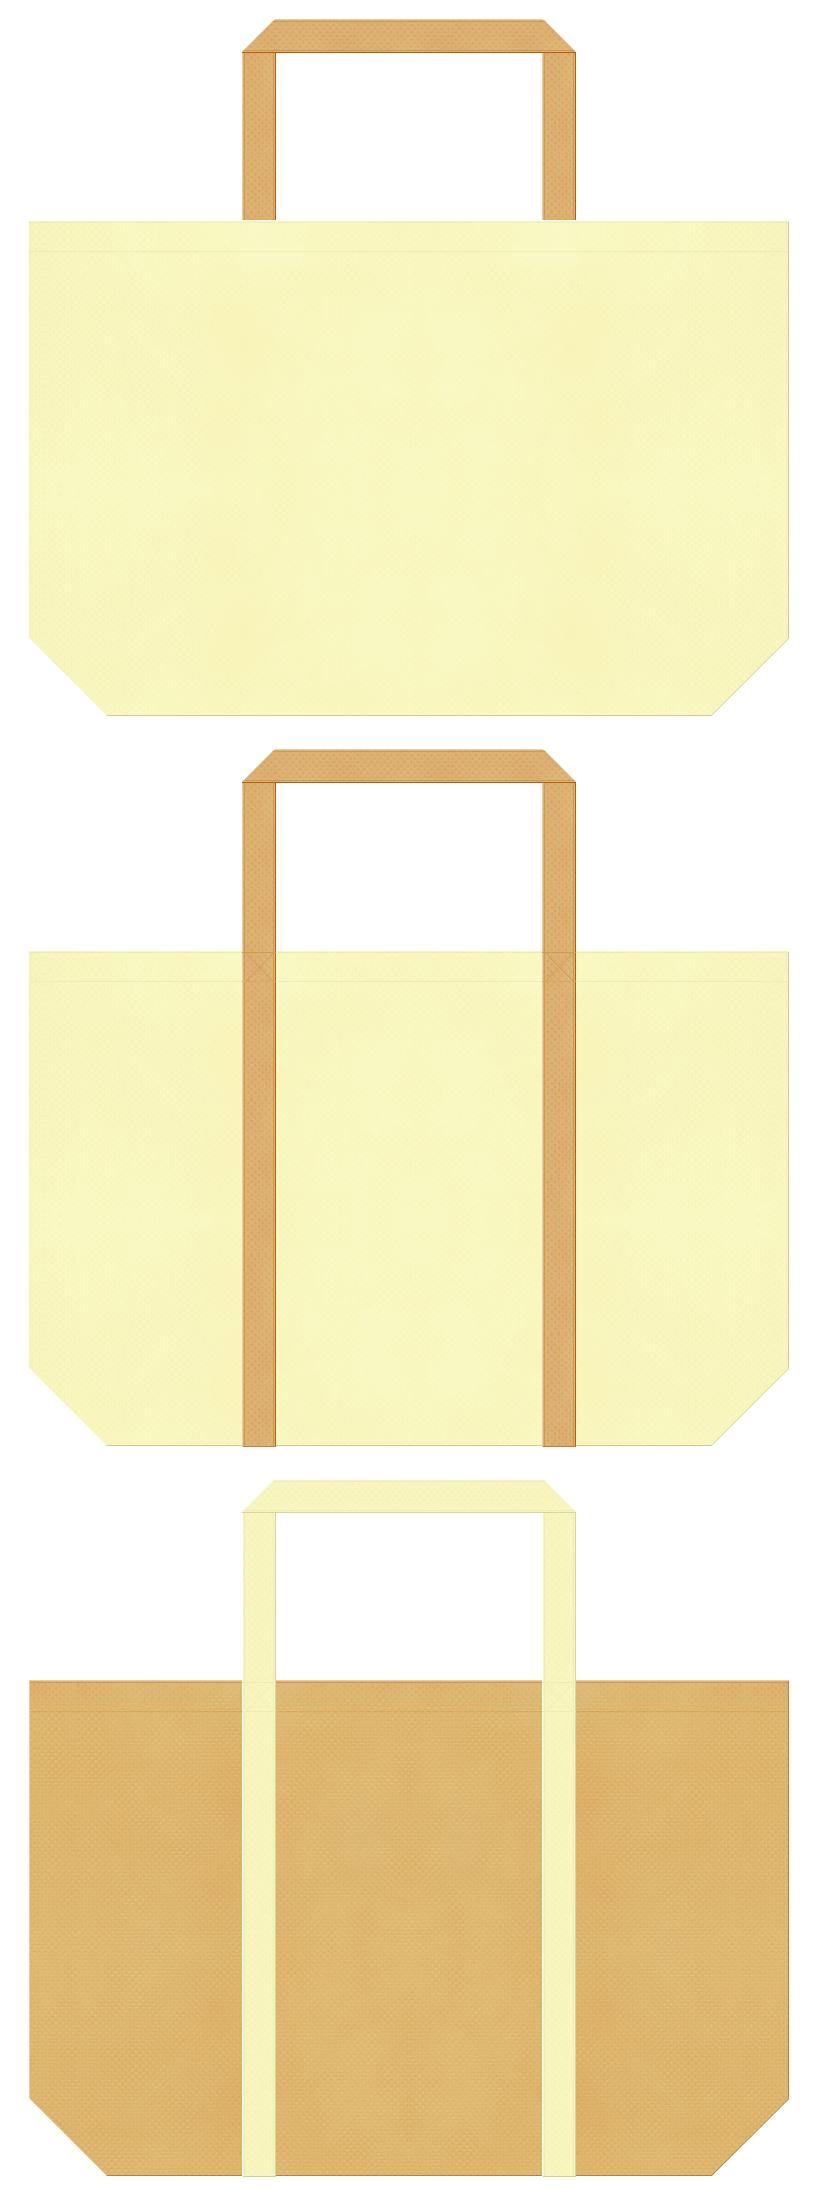 薄黄色と薄黄土色の不織布マイバッグデザイン。ベーカリーのショッピングバッグにお奨めです。ホットケーキ風の配色。